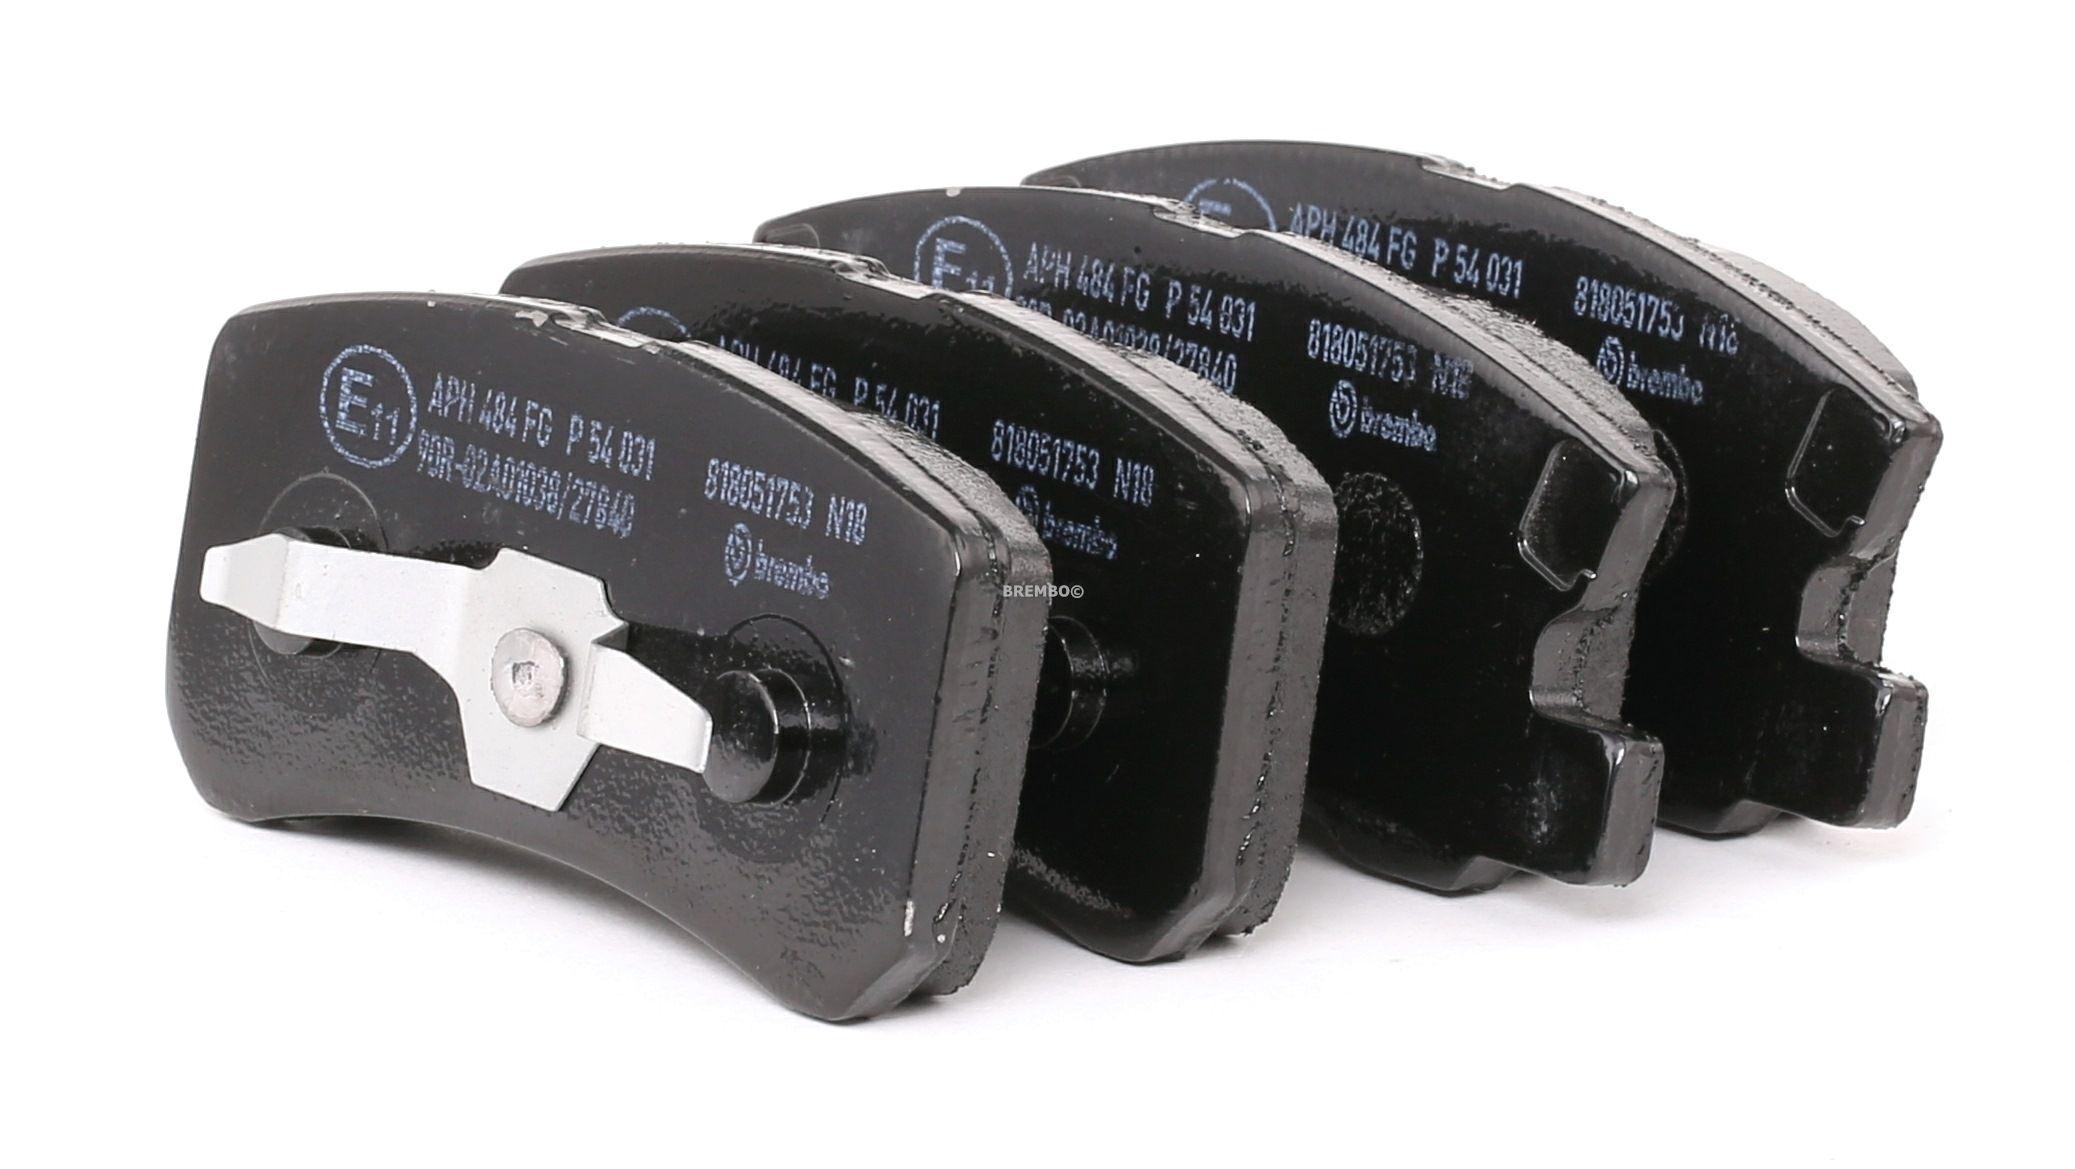 JEEP PATRIOT 2016 Bremsbelagsatz - Original BREMBO P 54 031 Höhe: 45mm, Breite 1: 91mm, Breite 2: 111,3mm, Dicke/Stärke: 15,5mm